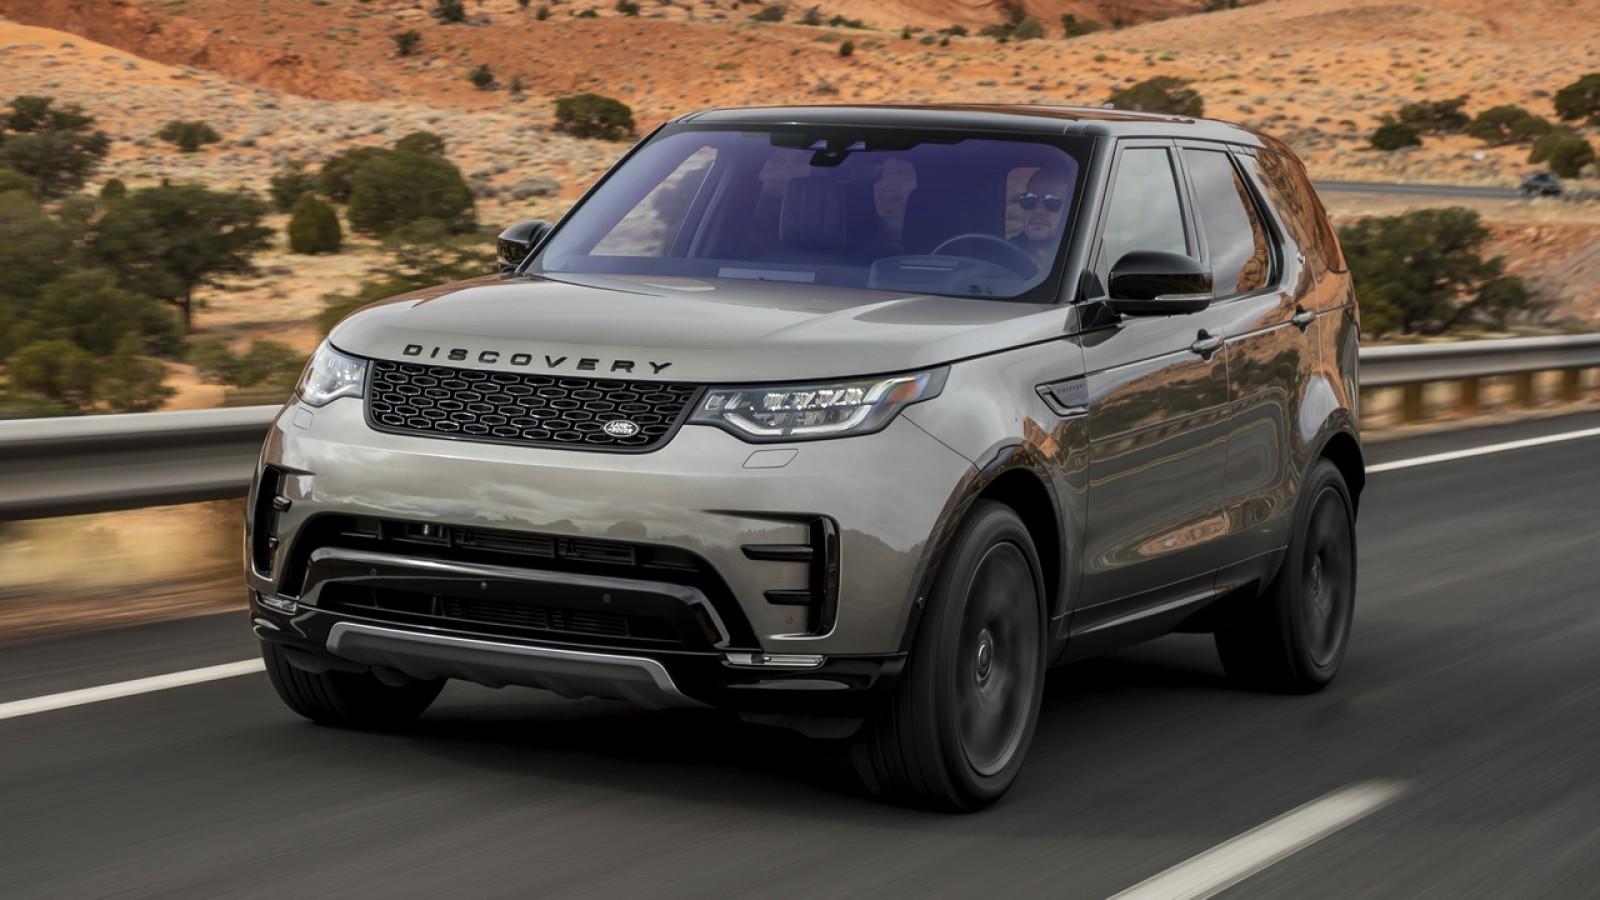 (foto/video) Land Rover a actualizat noul Discovery şi nu va mai fi produs în Marea Britanie